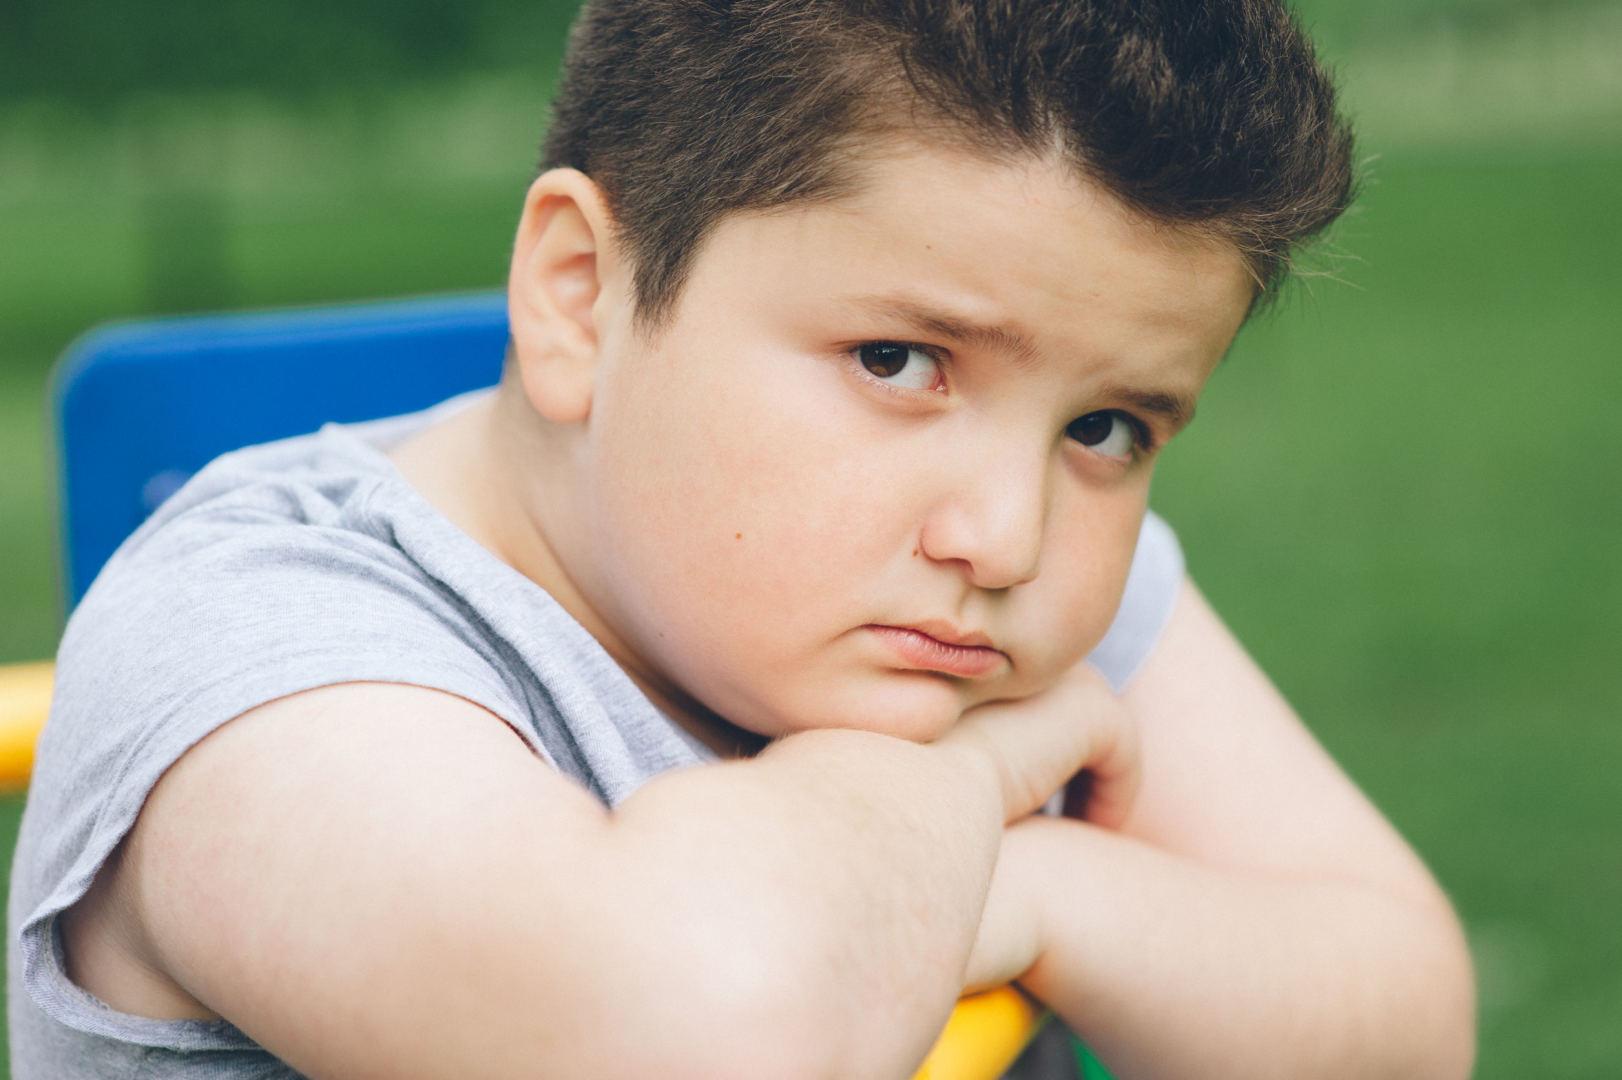 vaikas numeta svorio ir nustebina tėvus)